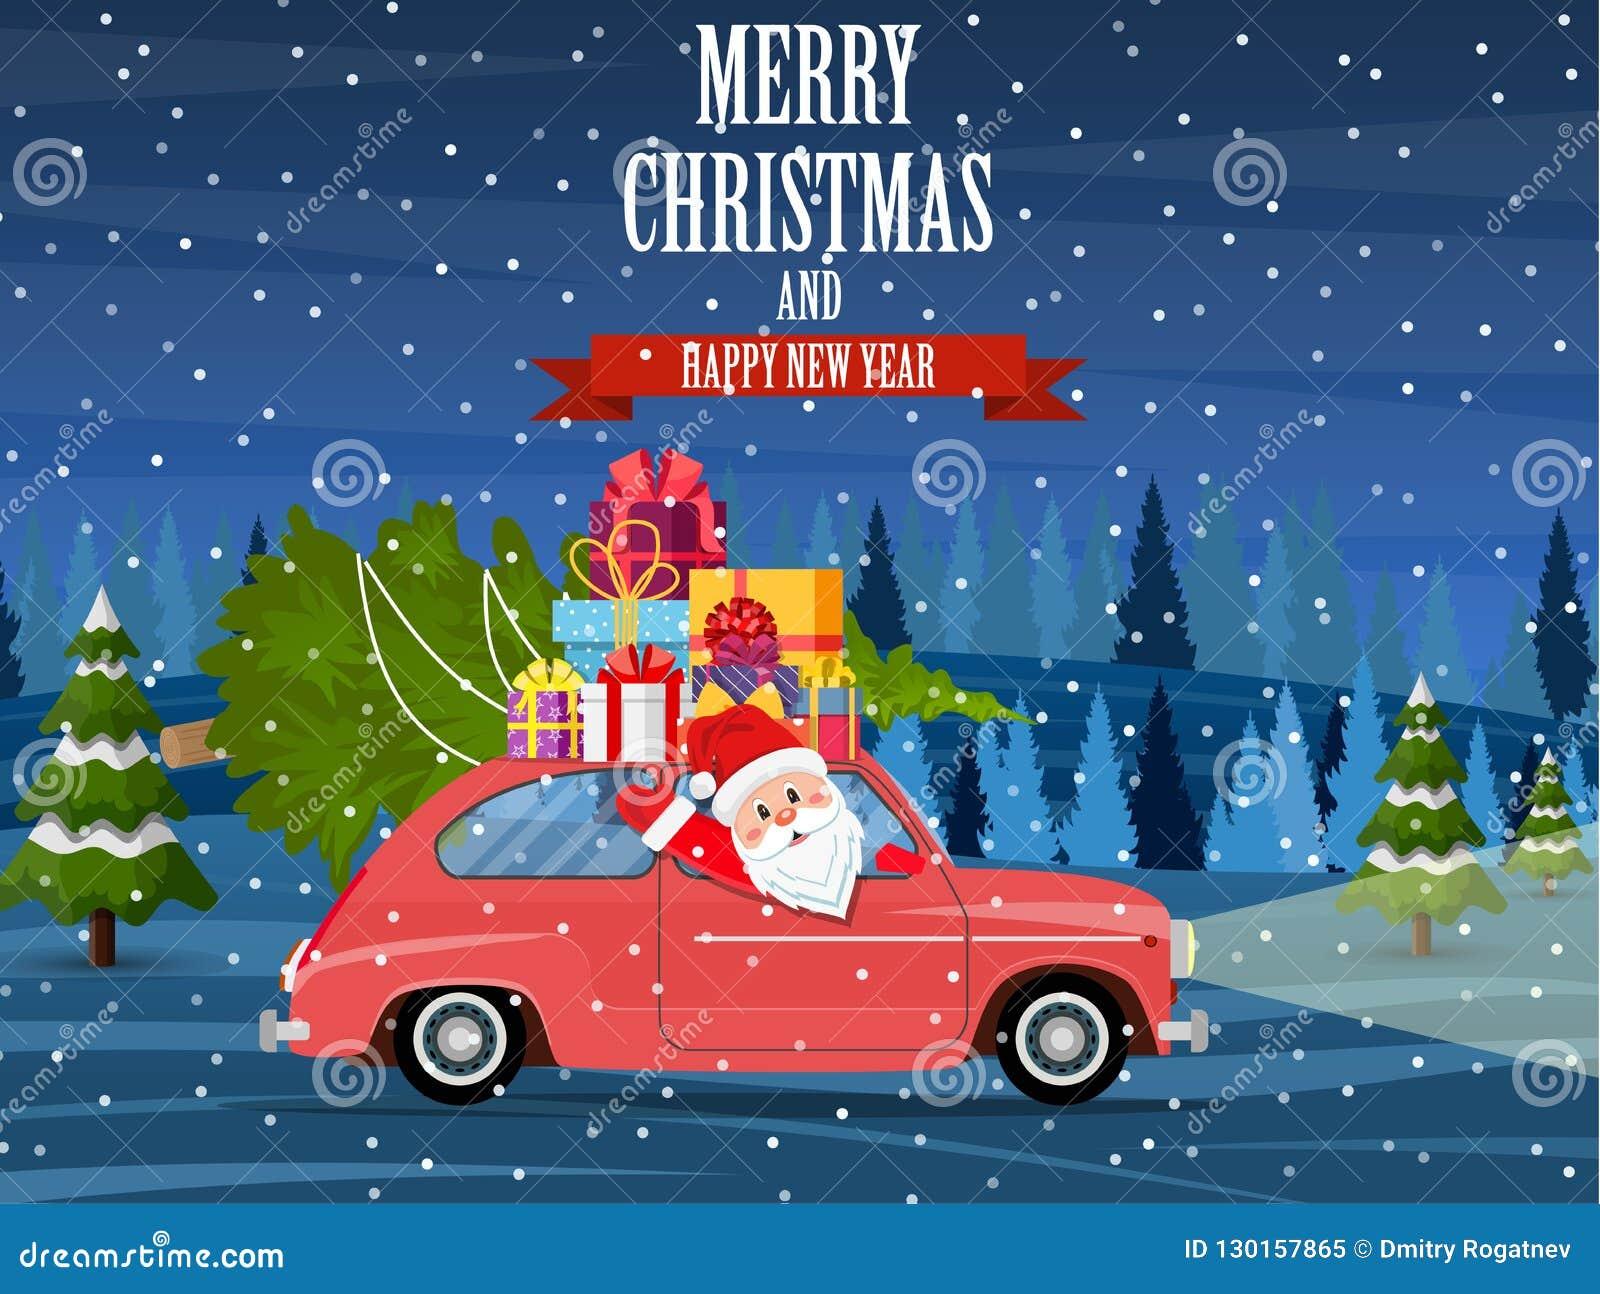 Auto Weihnachtsbaum.Retro Auto Mit Weihnachtsbaum Vektor Abbildung Illustration Von